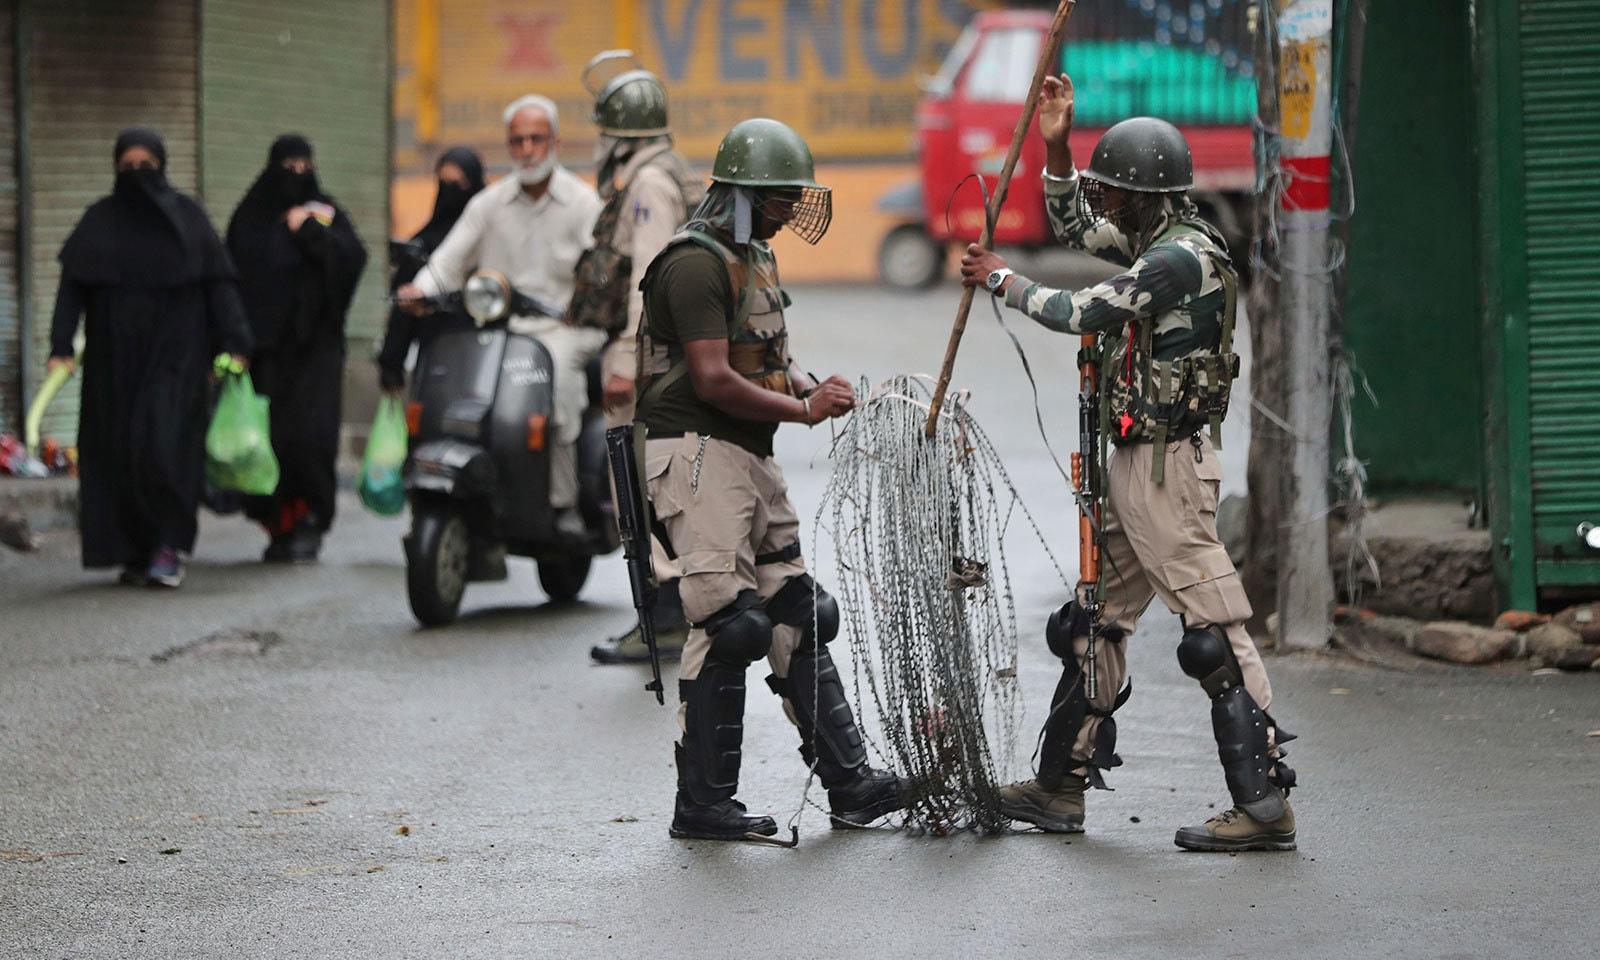 بھارتی فوج نے سری نگر سمیت دیگر شہروں میں جگہ جگہ خار دار تاریں بچھادیں —فوٹو:اے پی